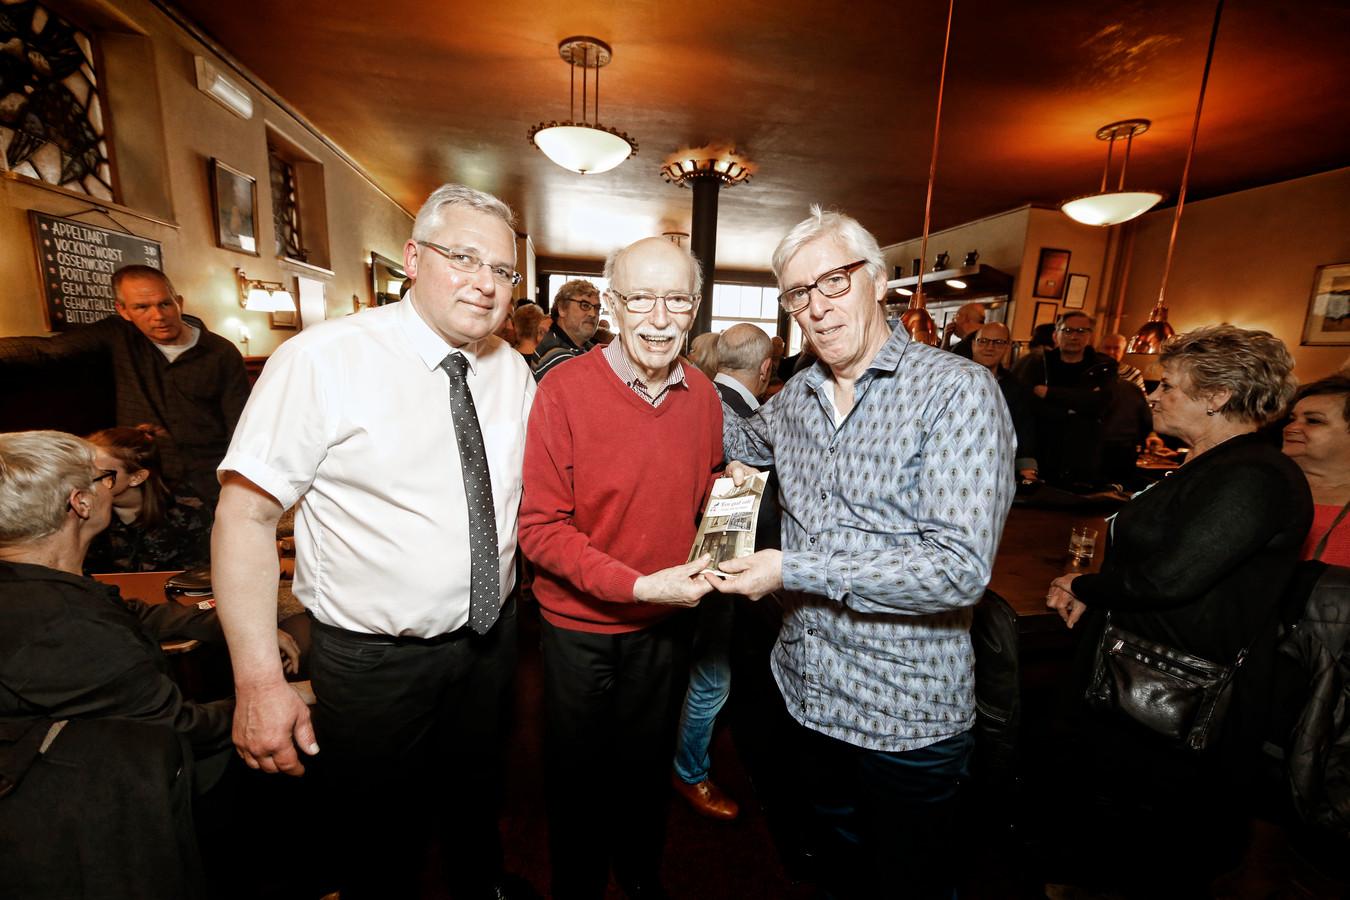 Het eerste exemplaar van een boekje over de geschiedenis van café Van Wegen werd in 2018 overhandigd aan professor Gerrit Jansen.